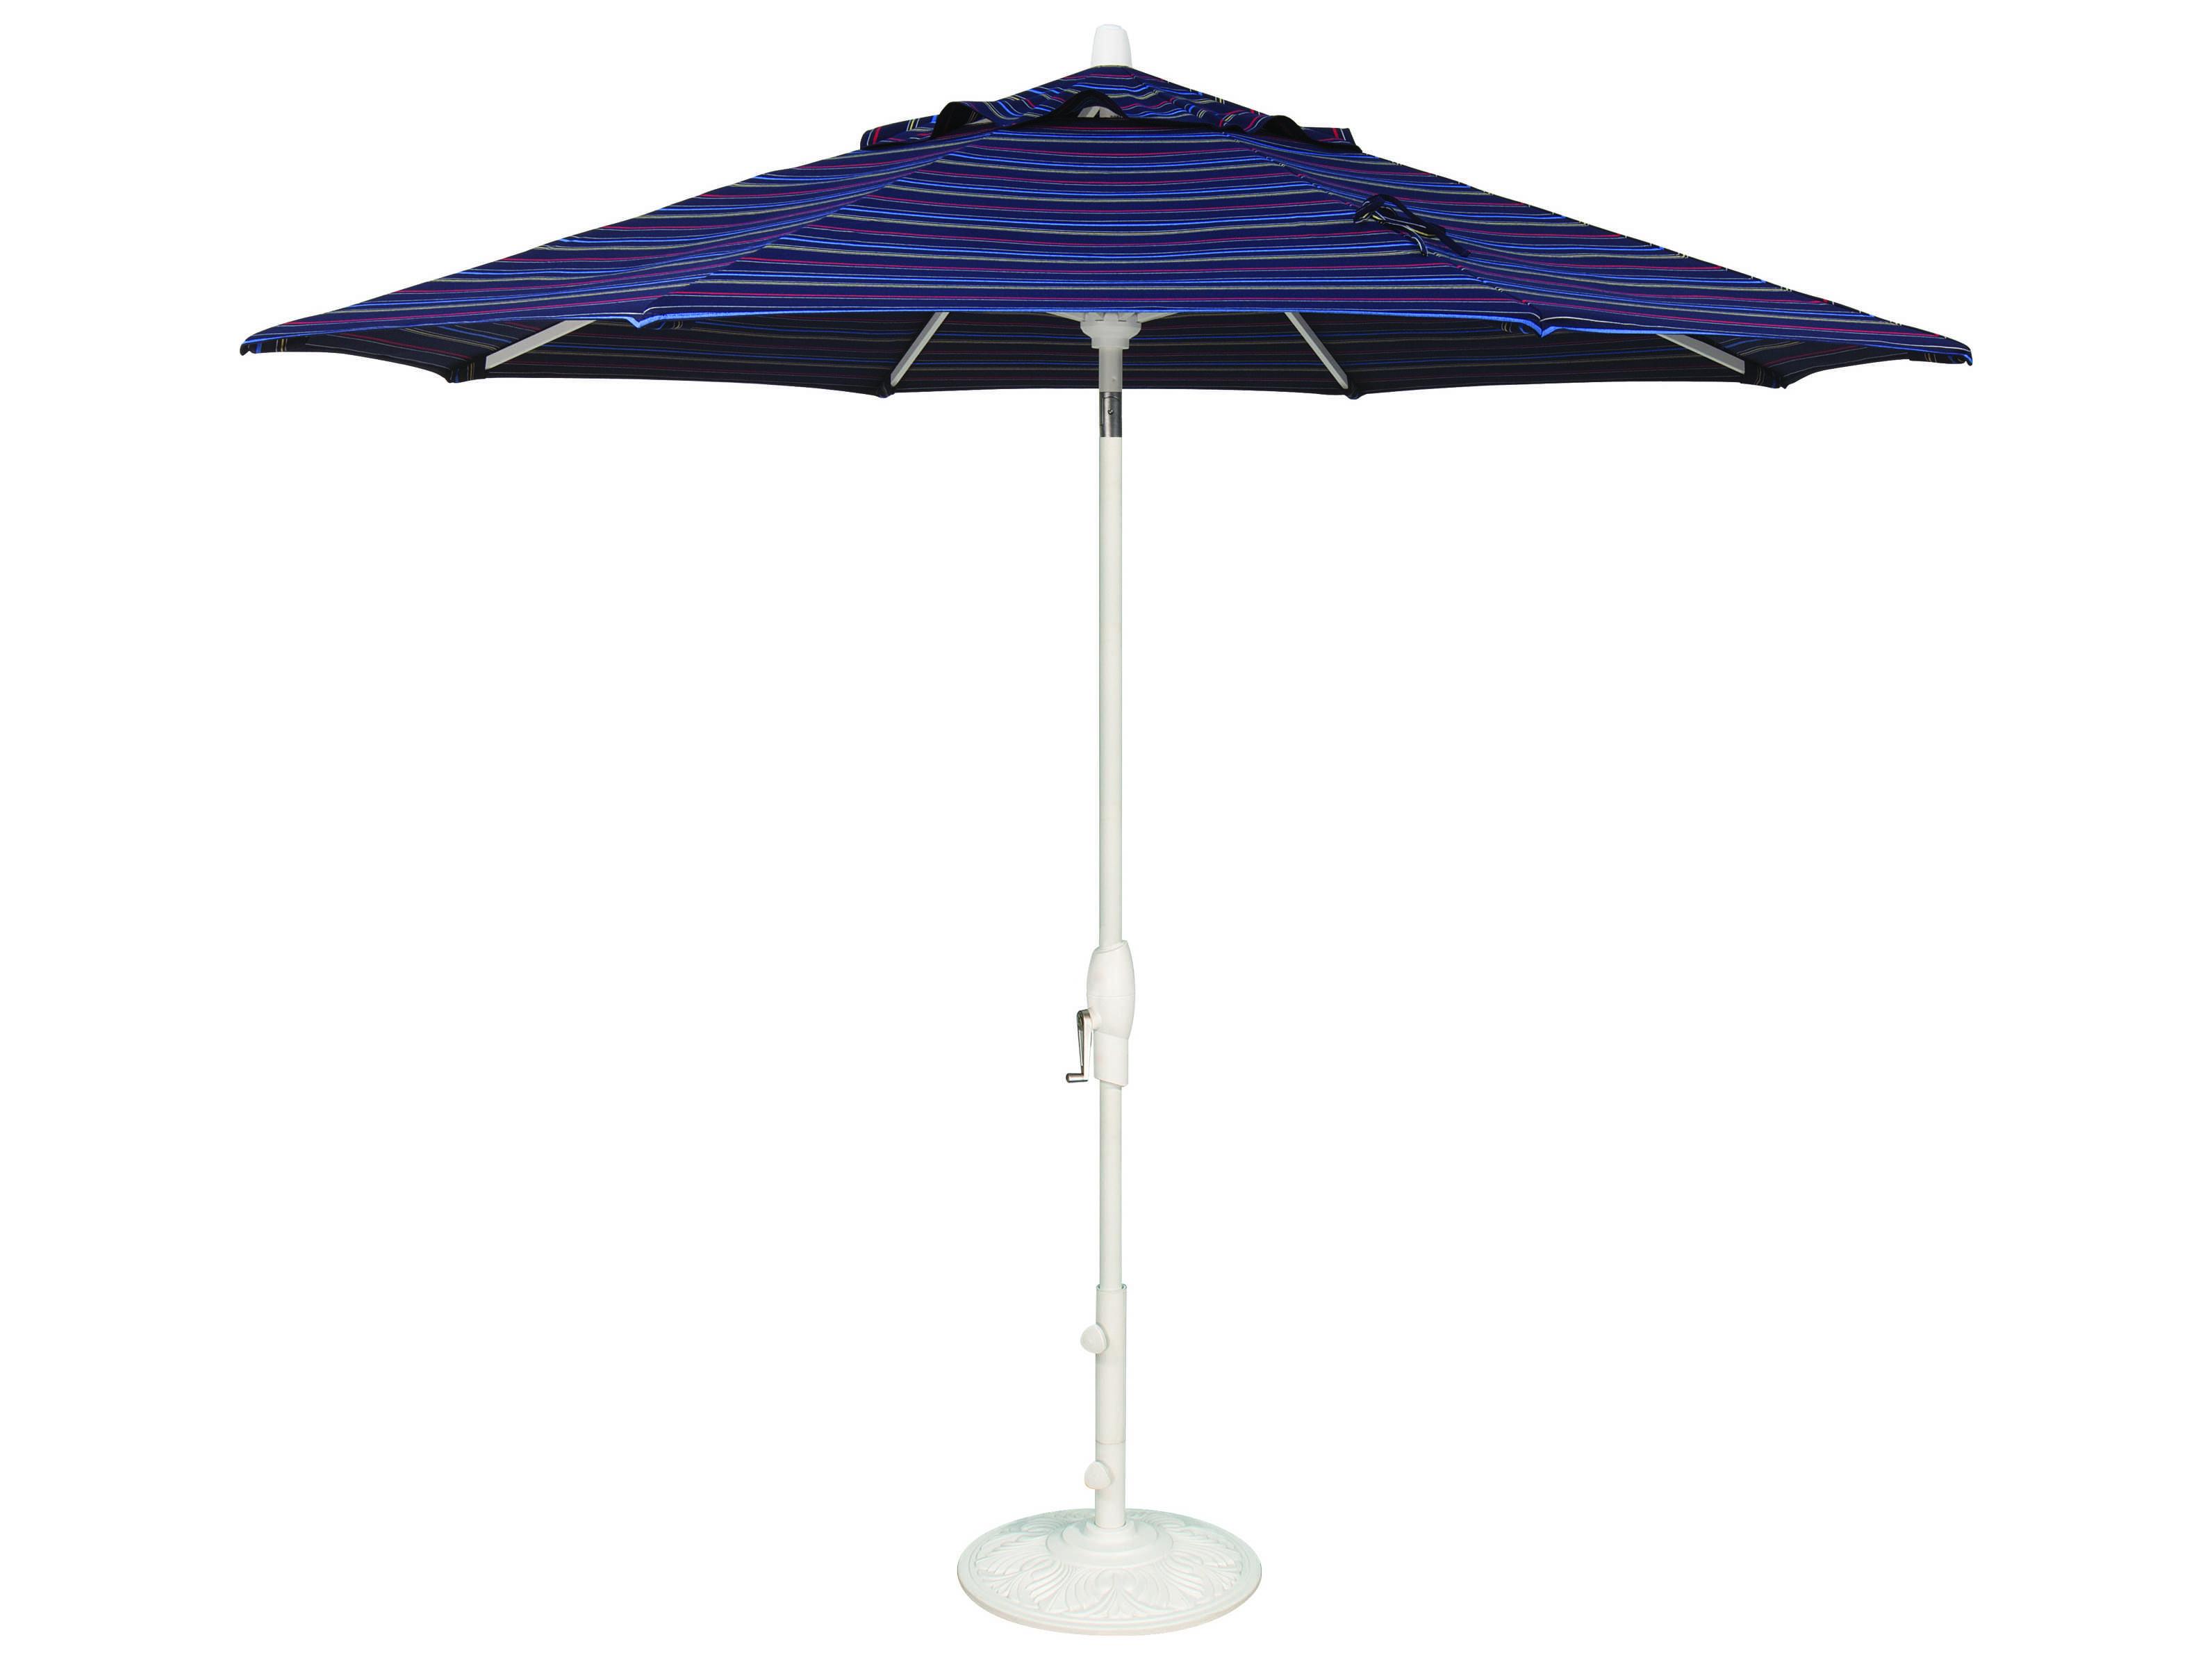 Treasure Garden Quick Ship Market Aluminum 9 39 Octagon Auto Tilt Crank Lift Umbrella